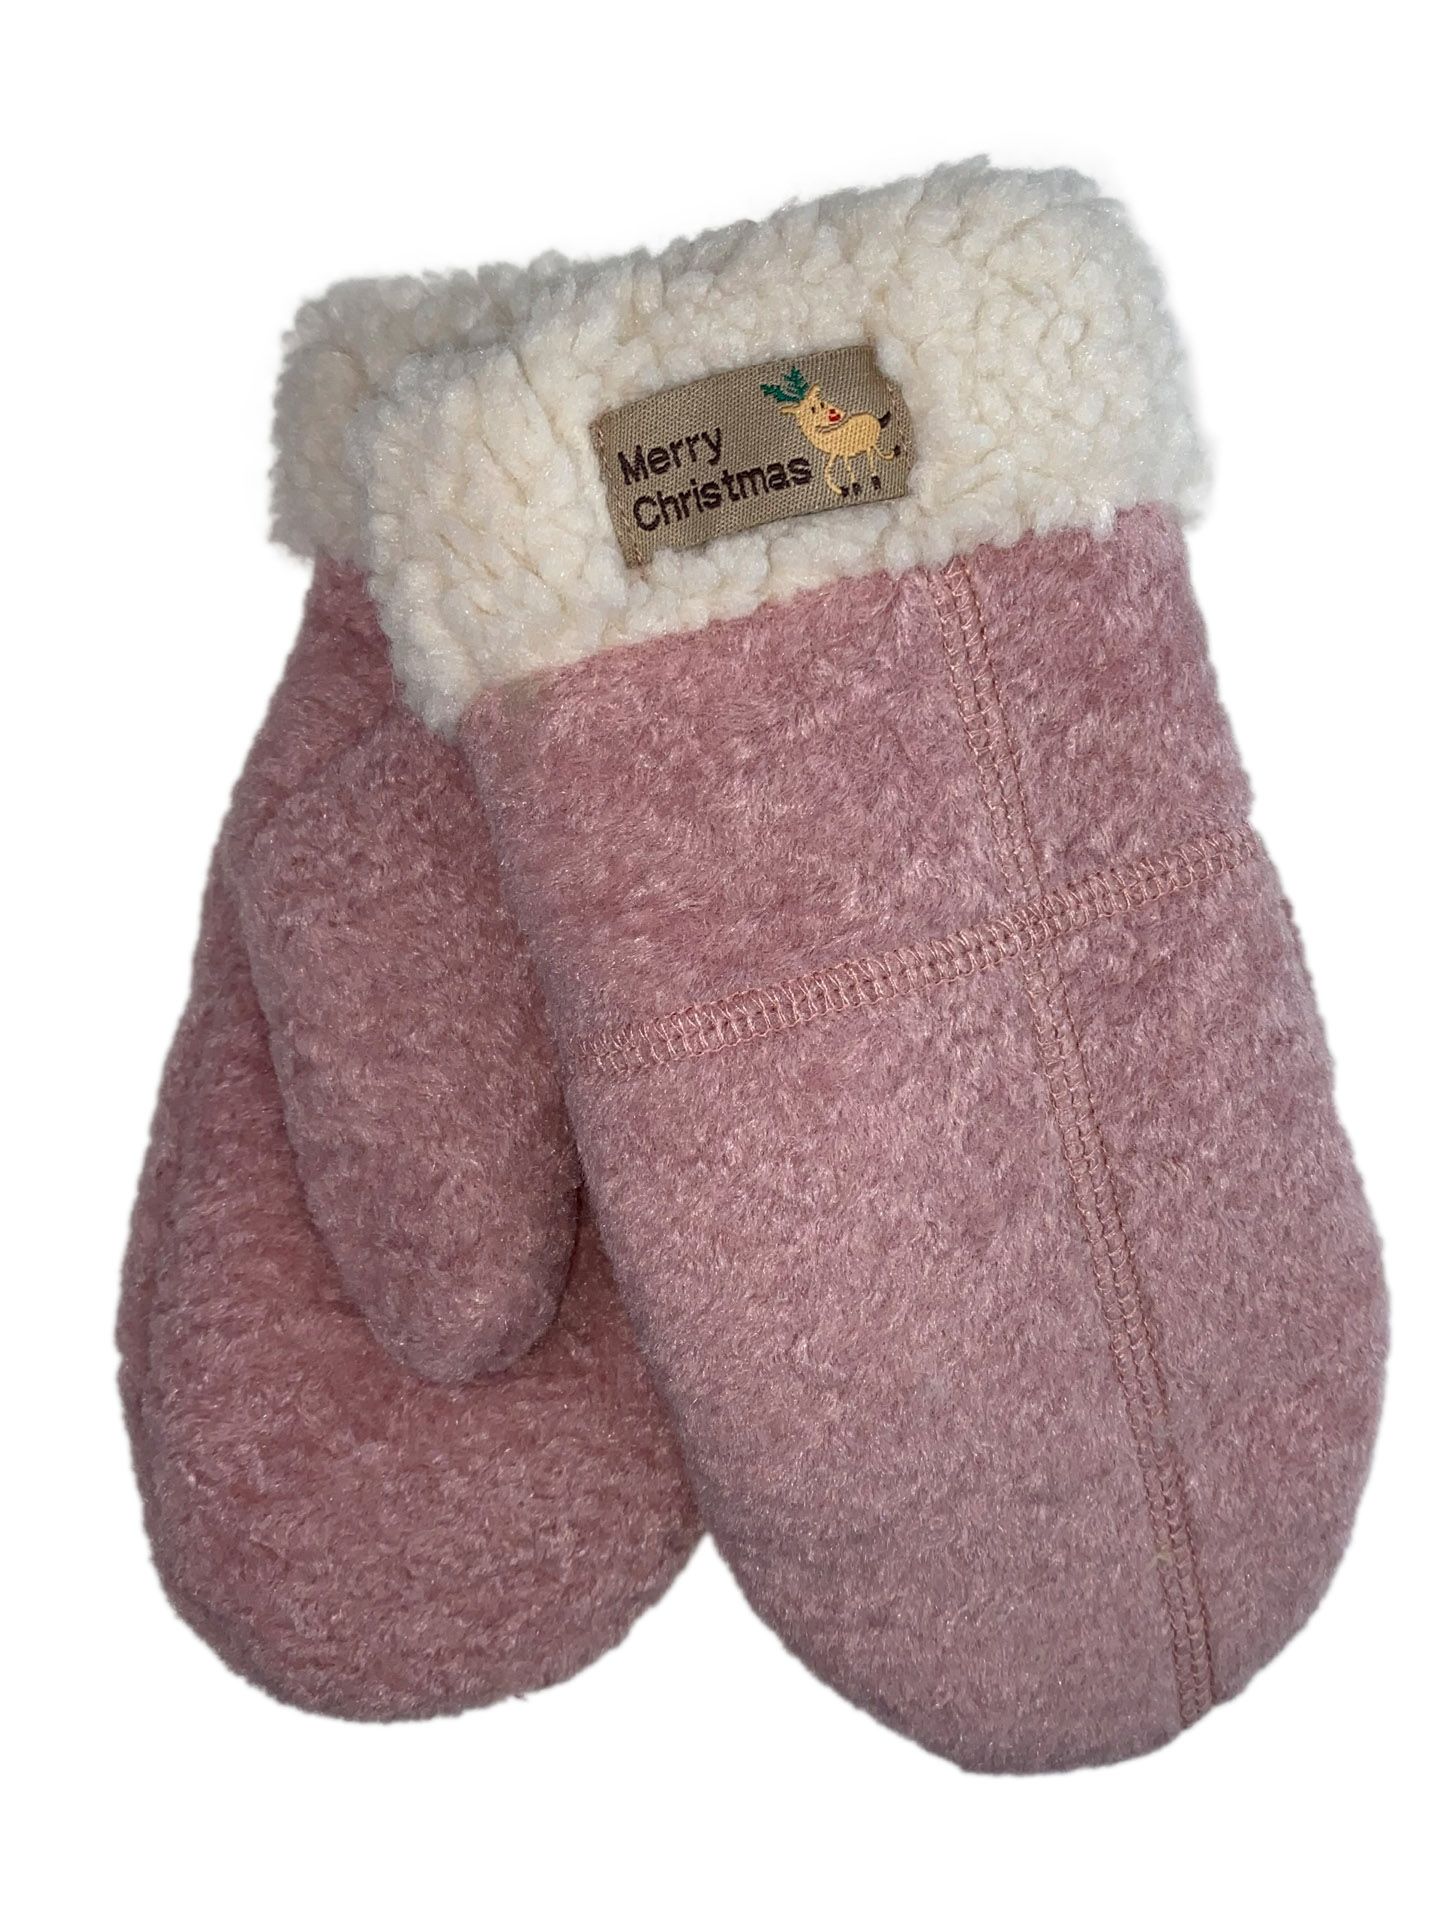 Шерстяные женские варежки с подкладом из искусственного меха, цвет розовый31313VP1220/16